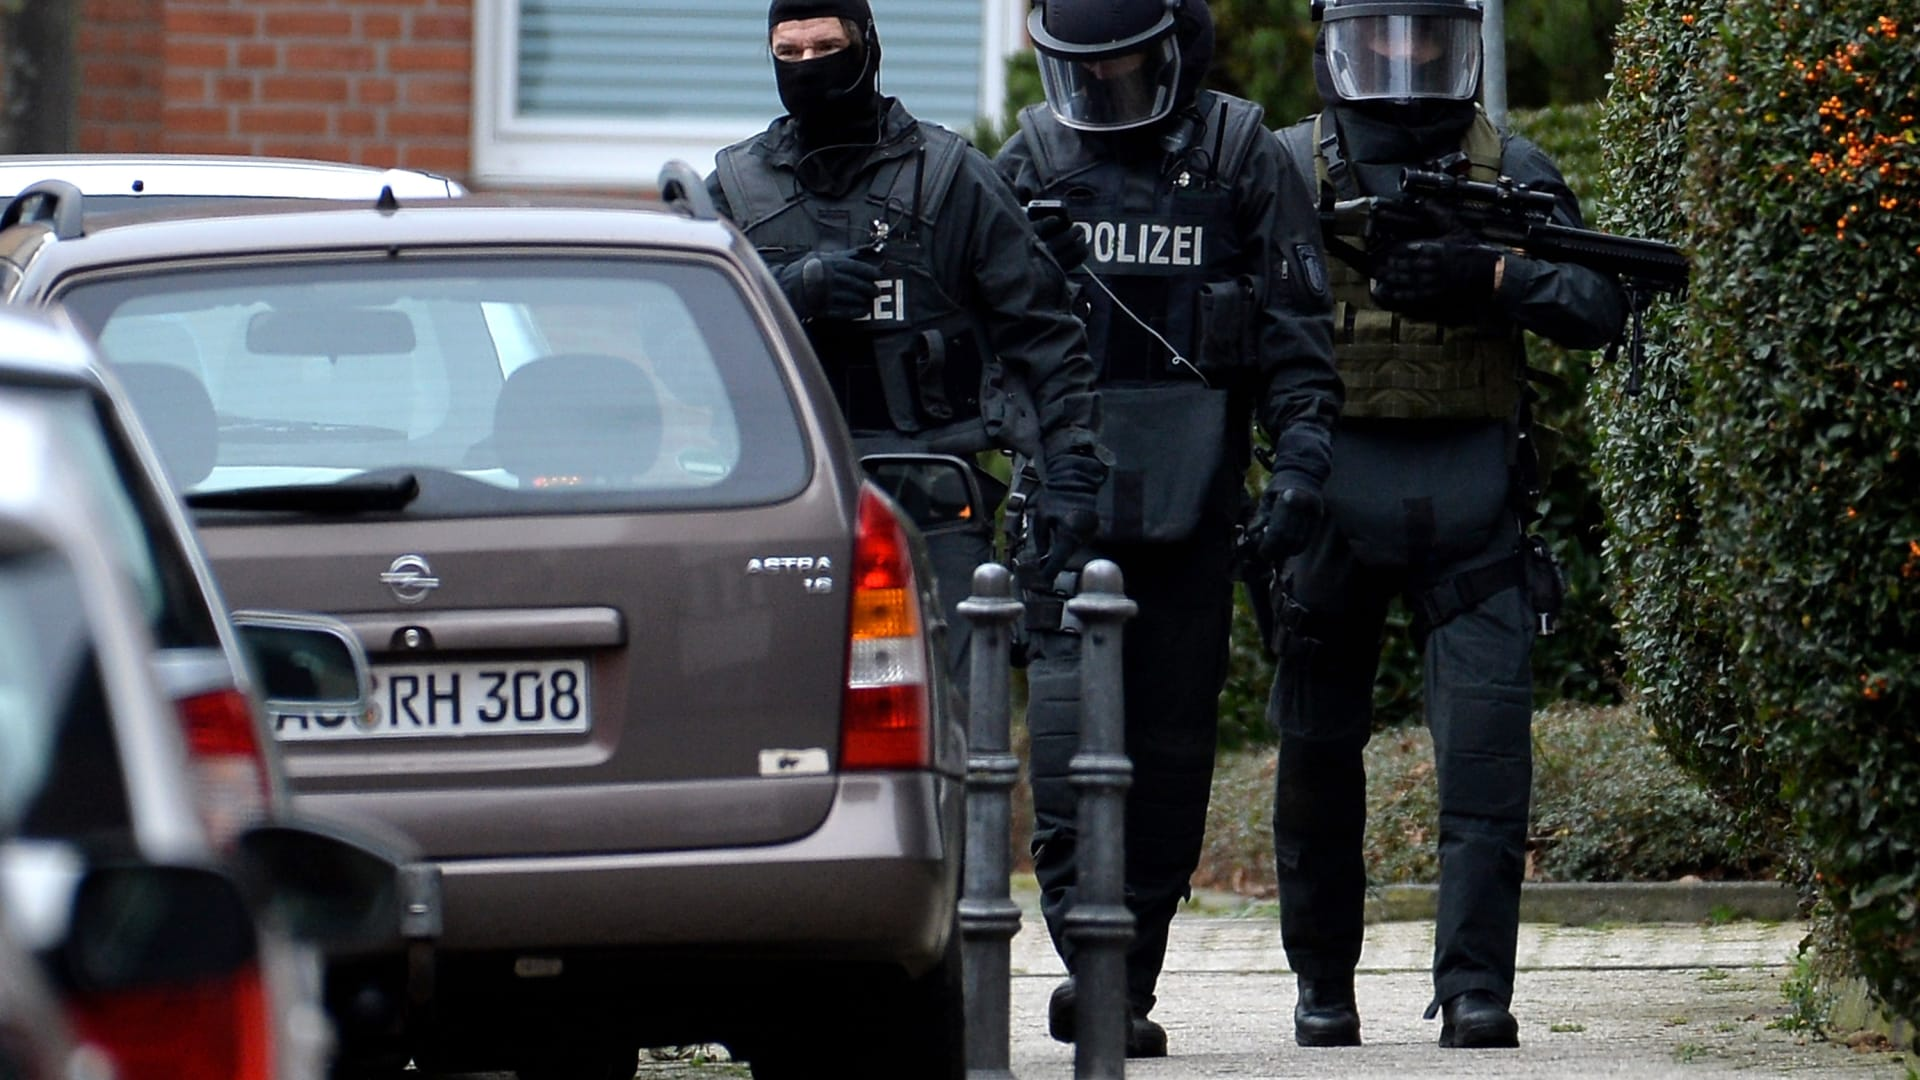 """ألمانيا تعتقل تونسيا صنع مادة """"الريسين"""" الكيماوية بمنزله"""